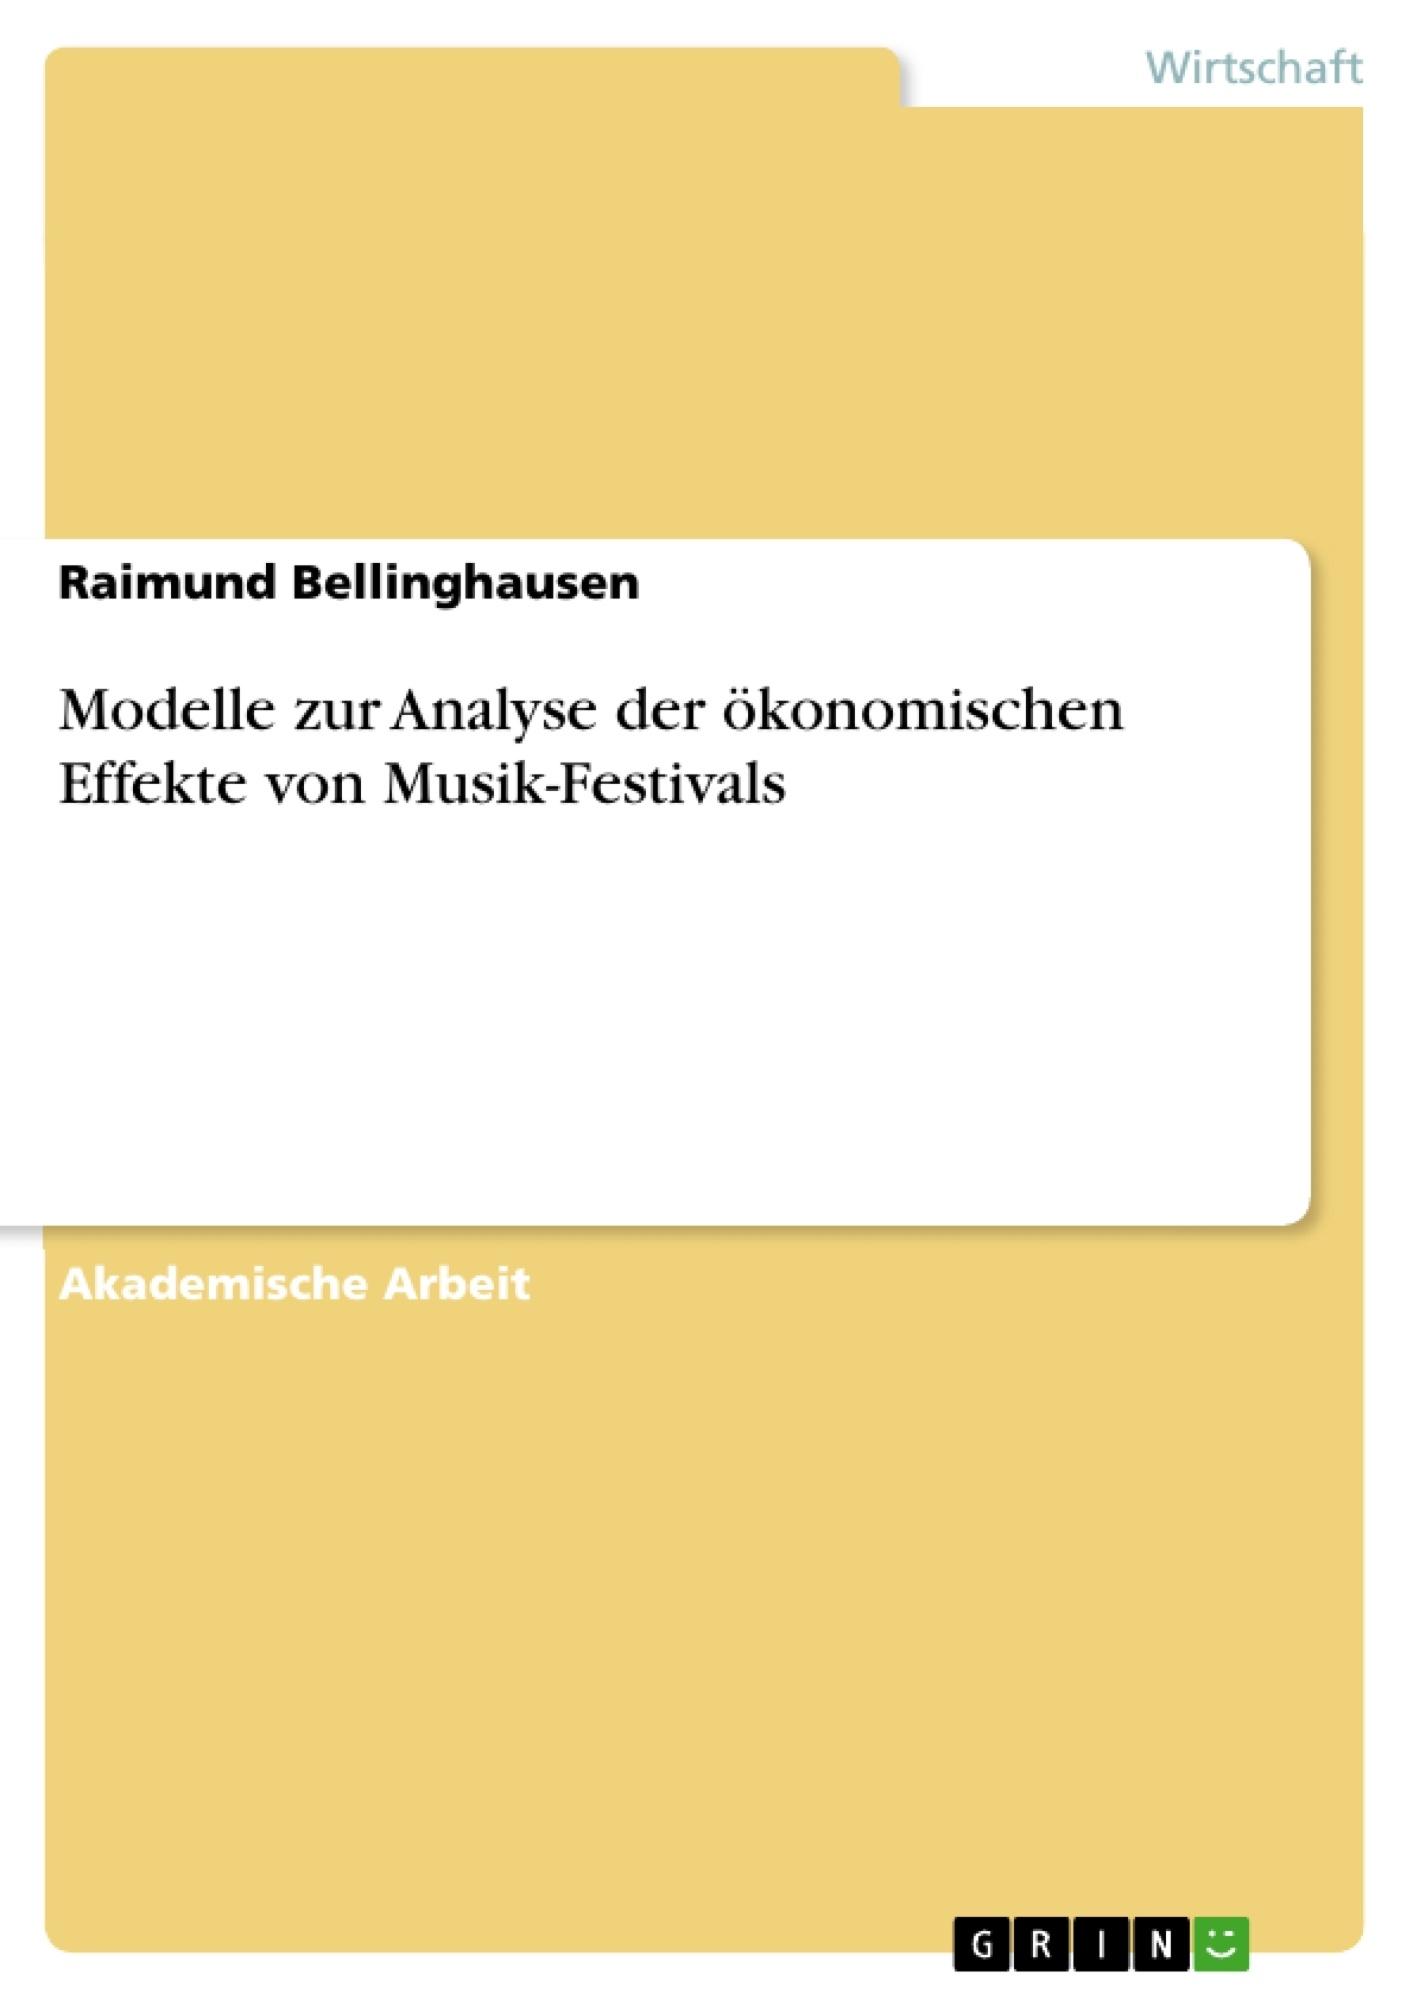 Titel: Modelle zur Analyse der ökonomischen Effekte von Musik-Festivals